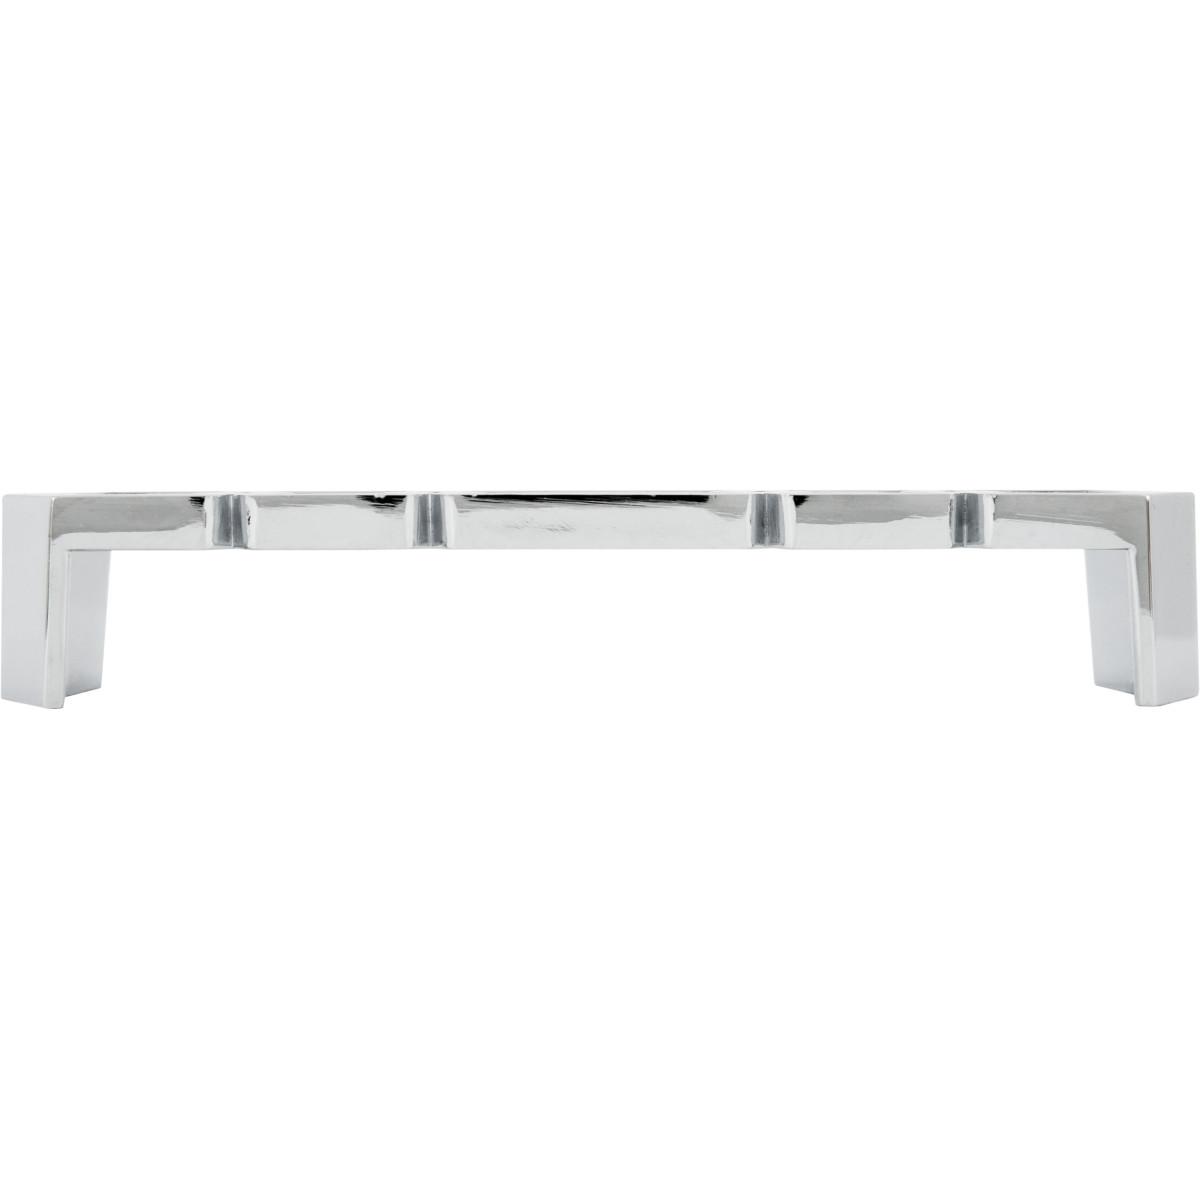 Ручка-Скоба Мебельная S-3995 128 Цвет Хром